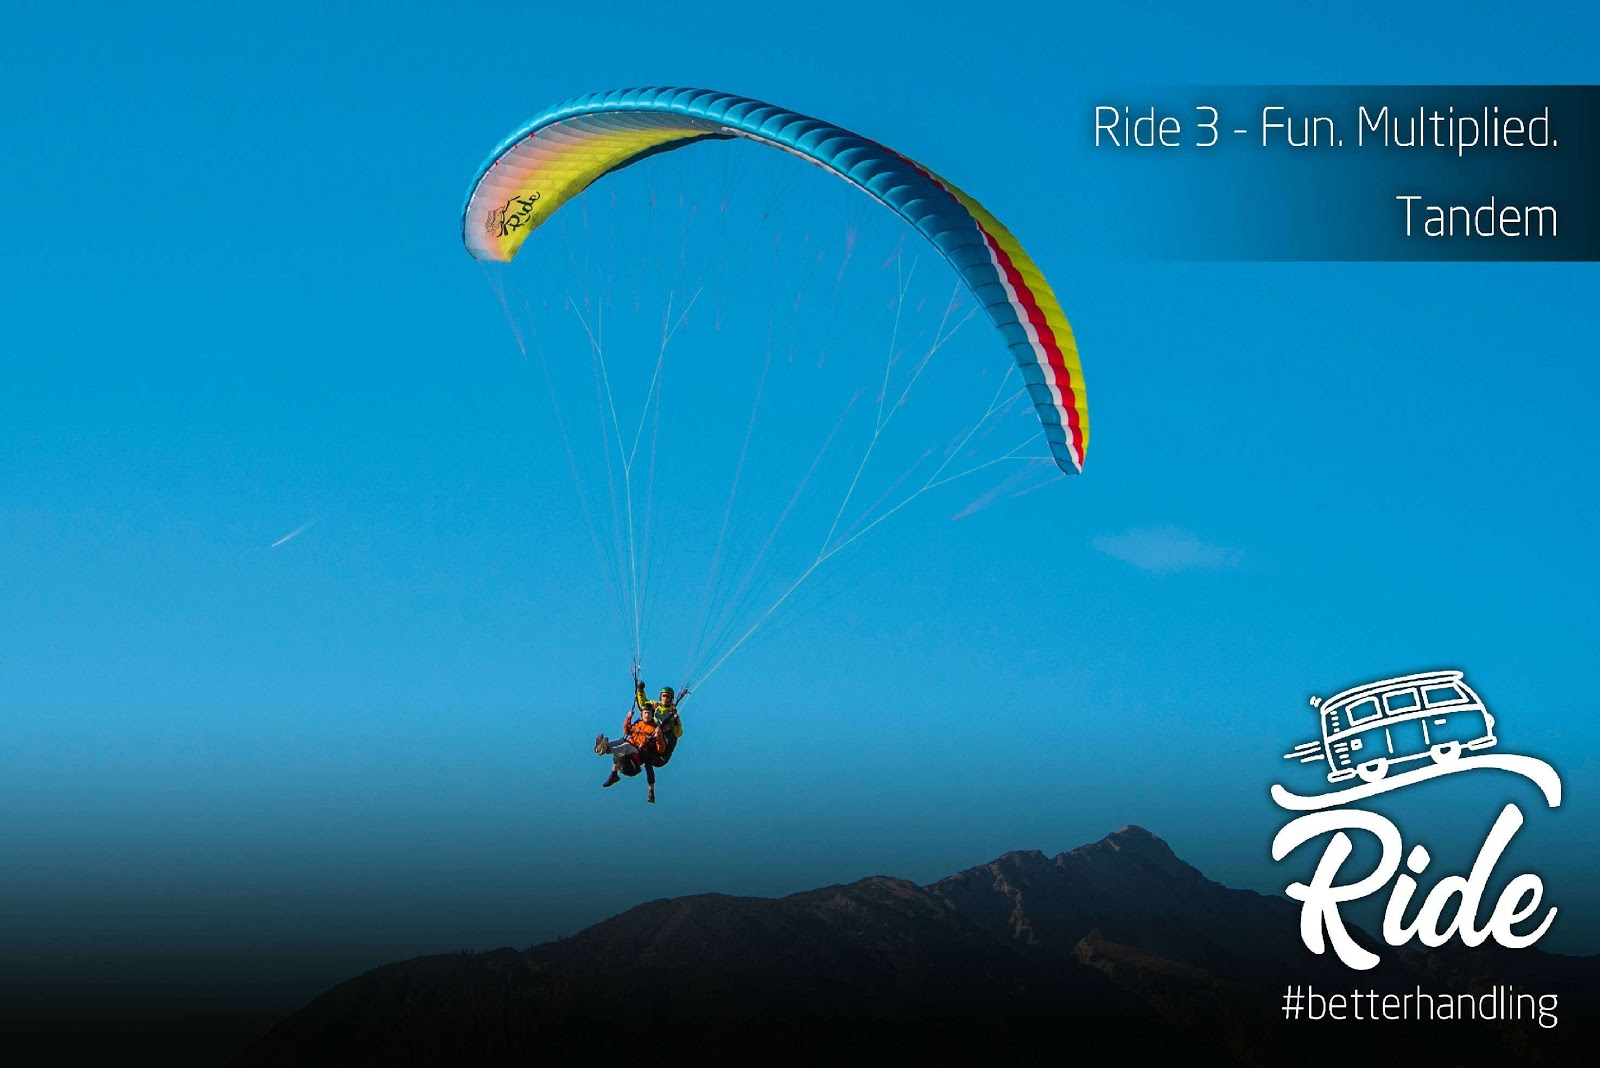 Air_Design_Ride_3_Tanmdem